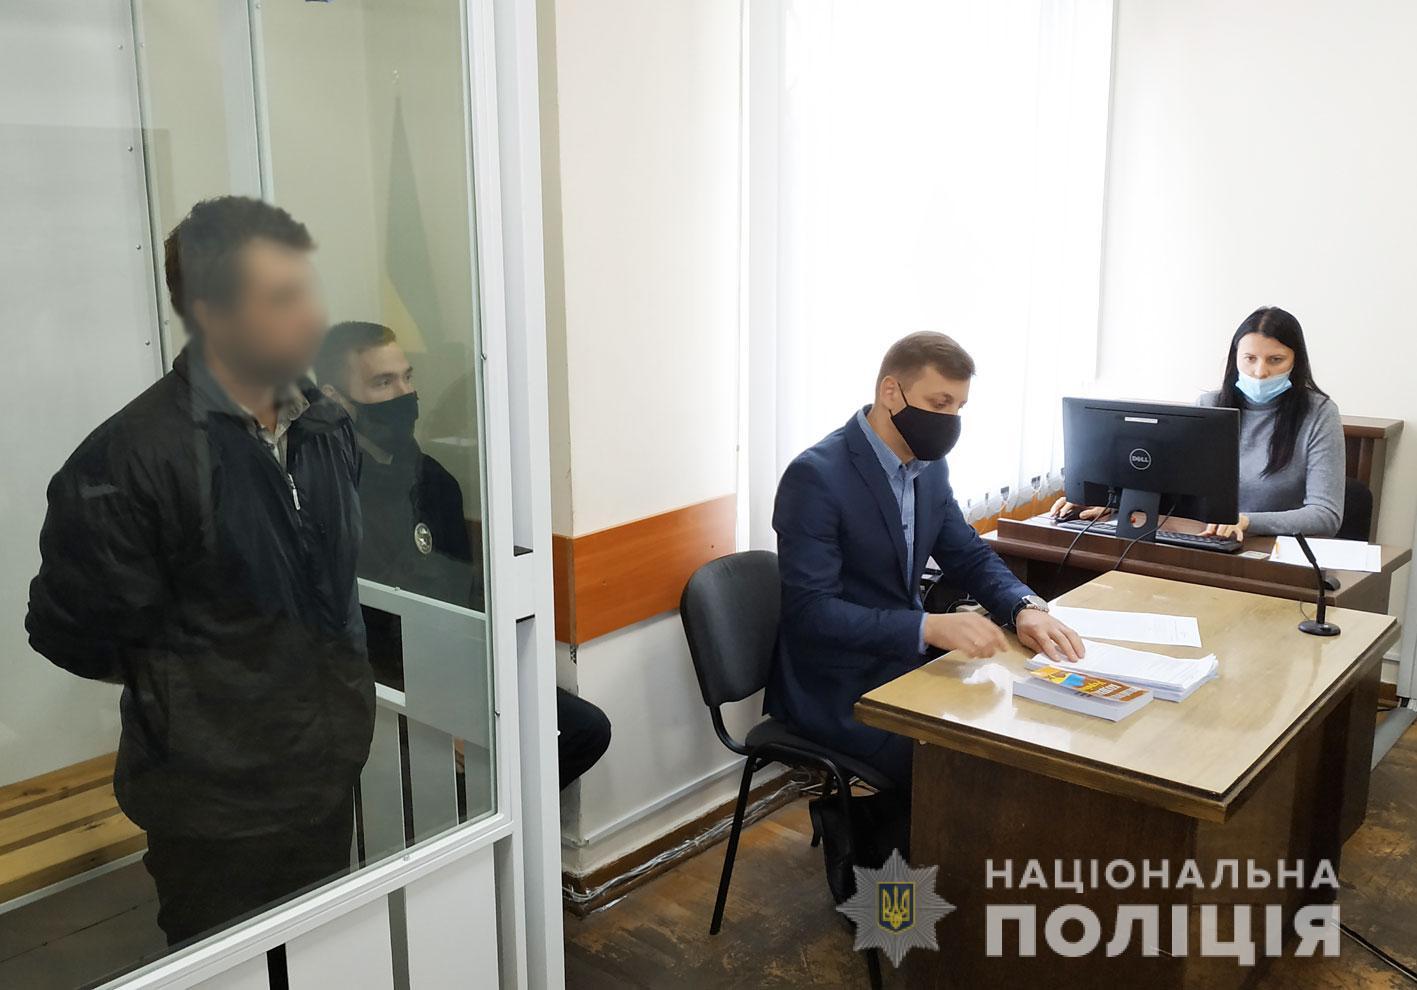 Убийство полицейского в Чернигове. Суд отправил в СИЗО четверых подозреваемых: фото